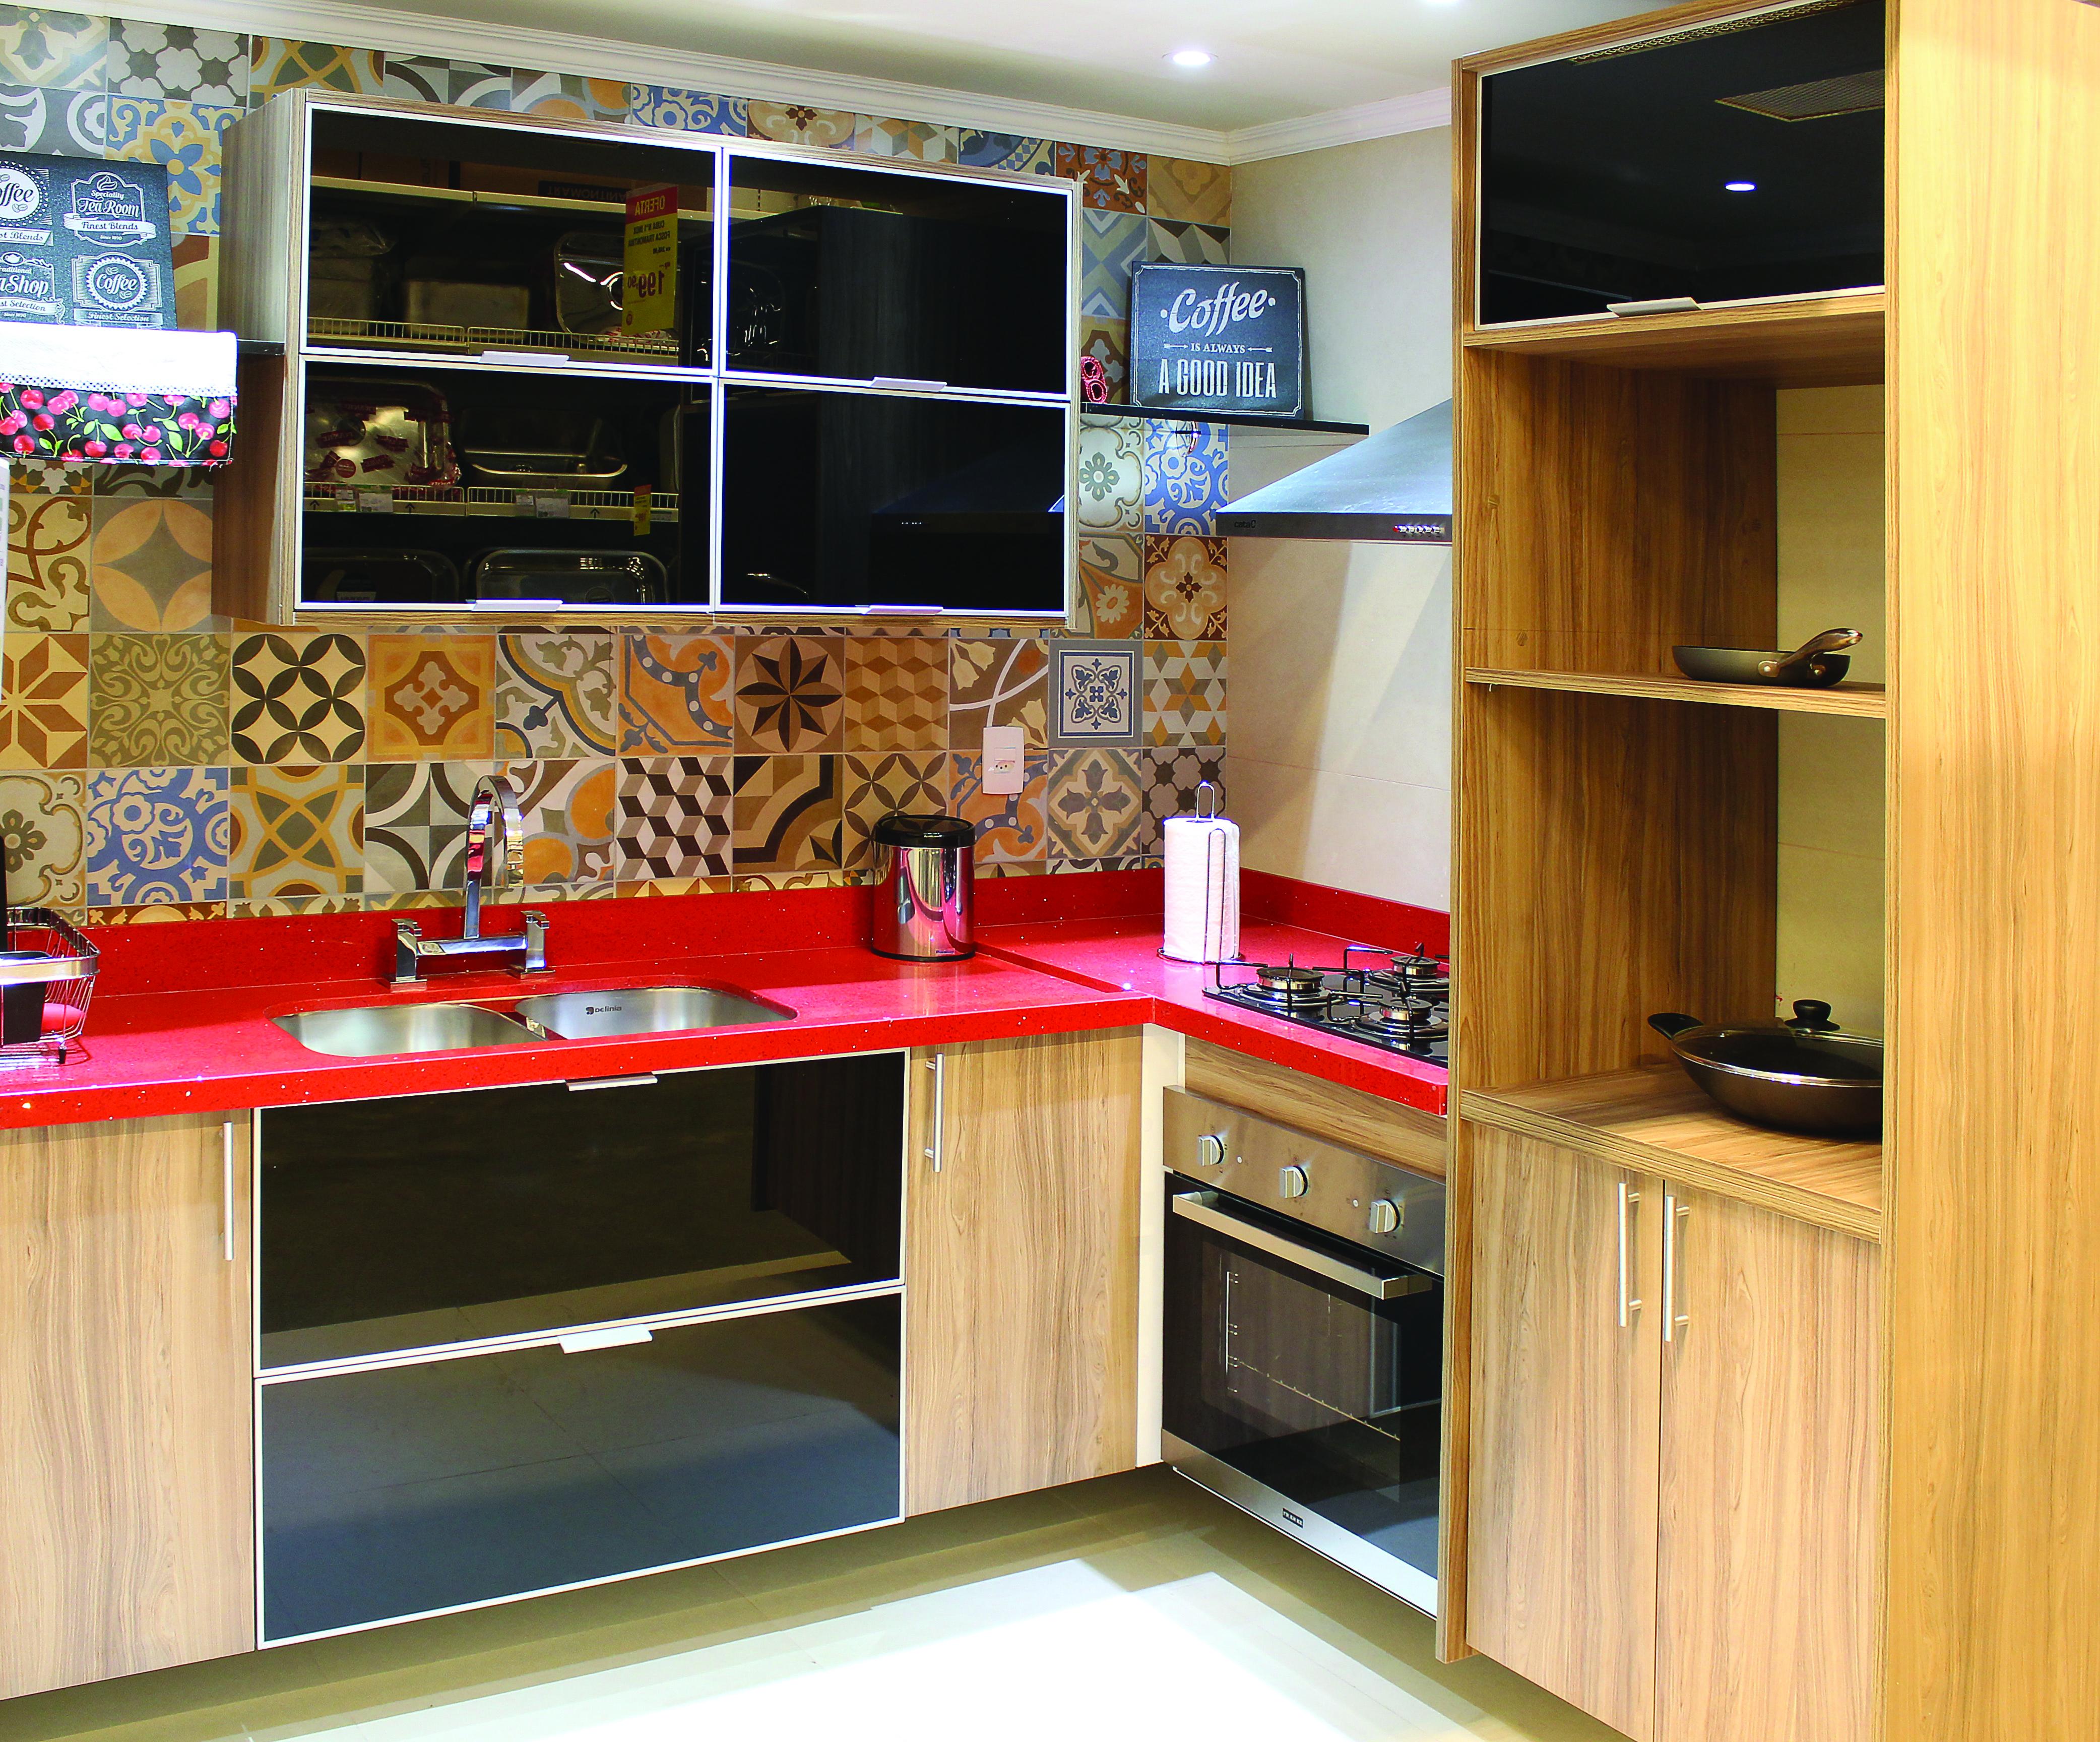 Cozinha Planejada Delinia Linha Toulouse Leroy Merlin